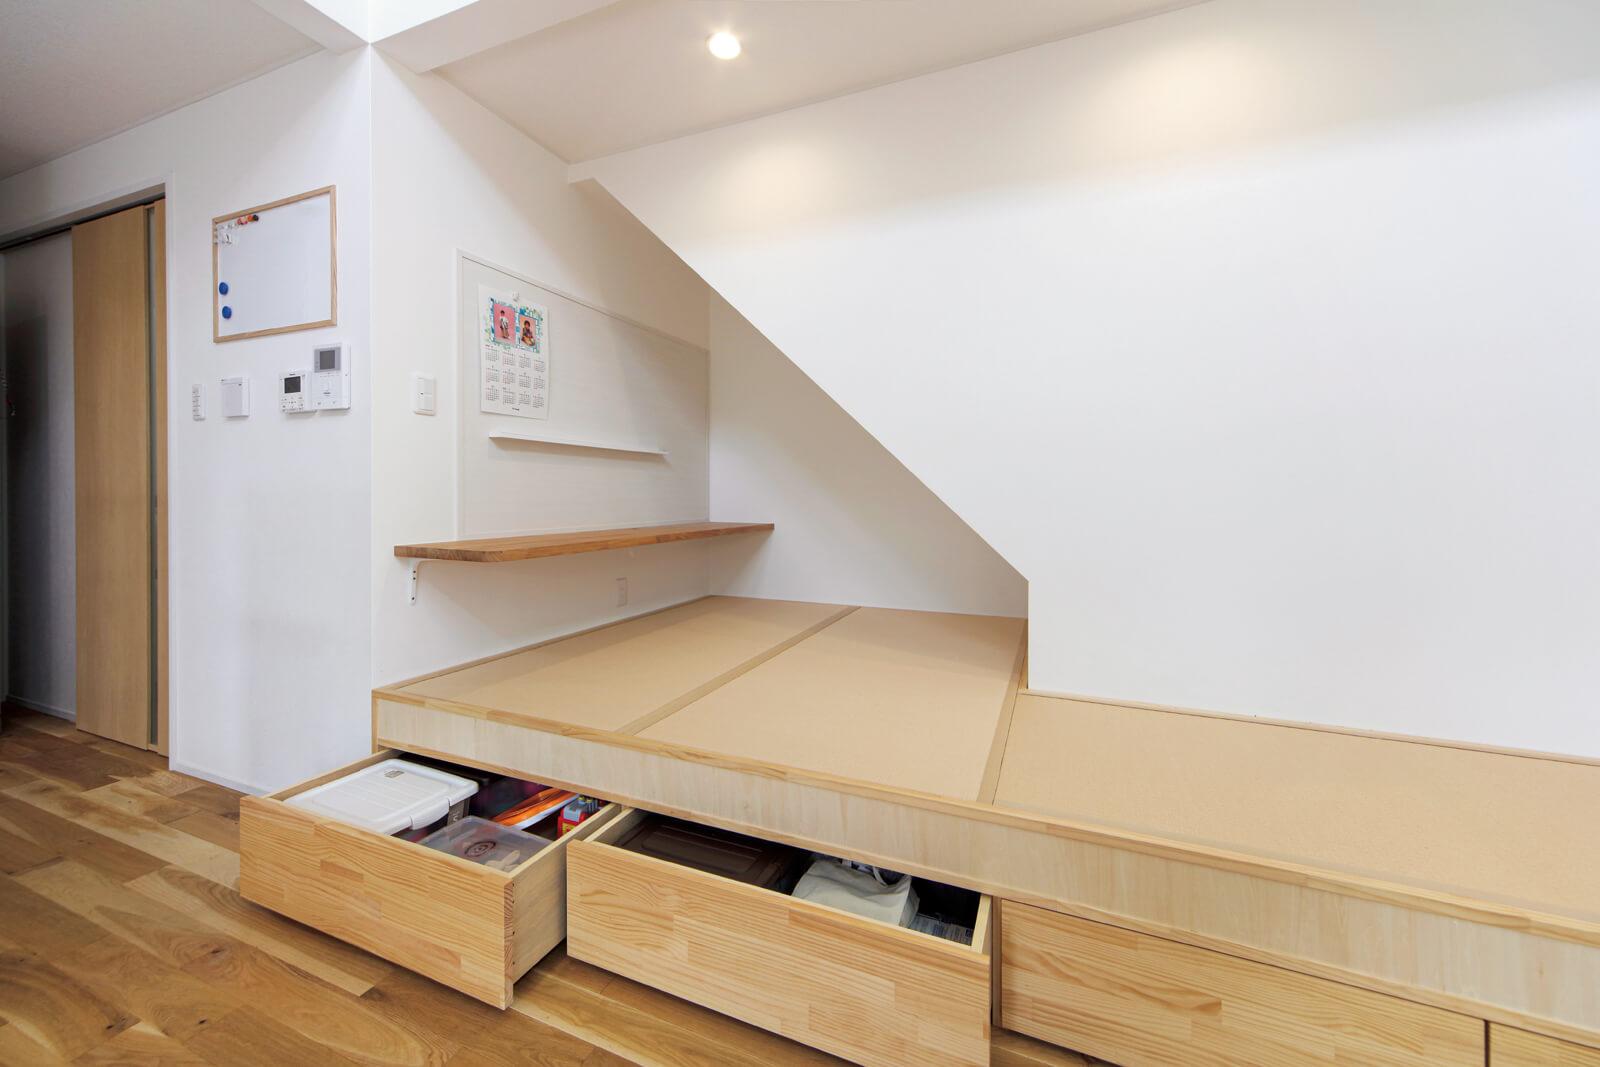 リビング階段の下に小上りの畳コーナーを設け、床下に収納を造りつけた。マグネットボードはプリントやメモ類を貼るのに便利